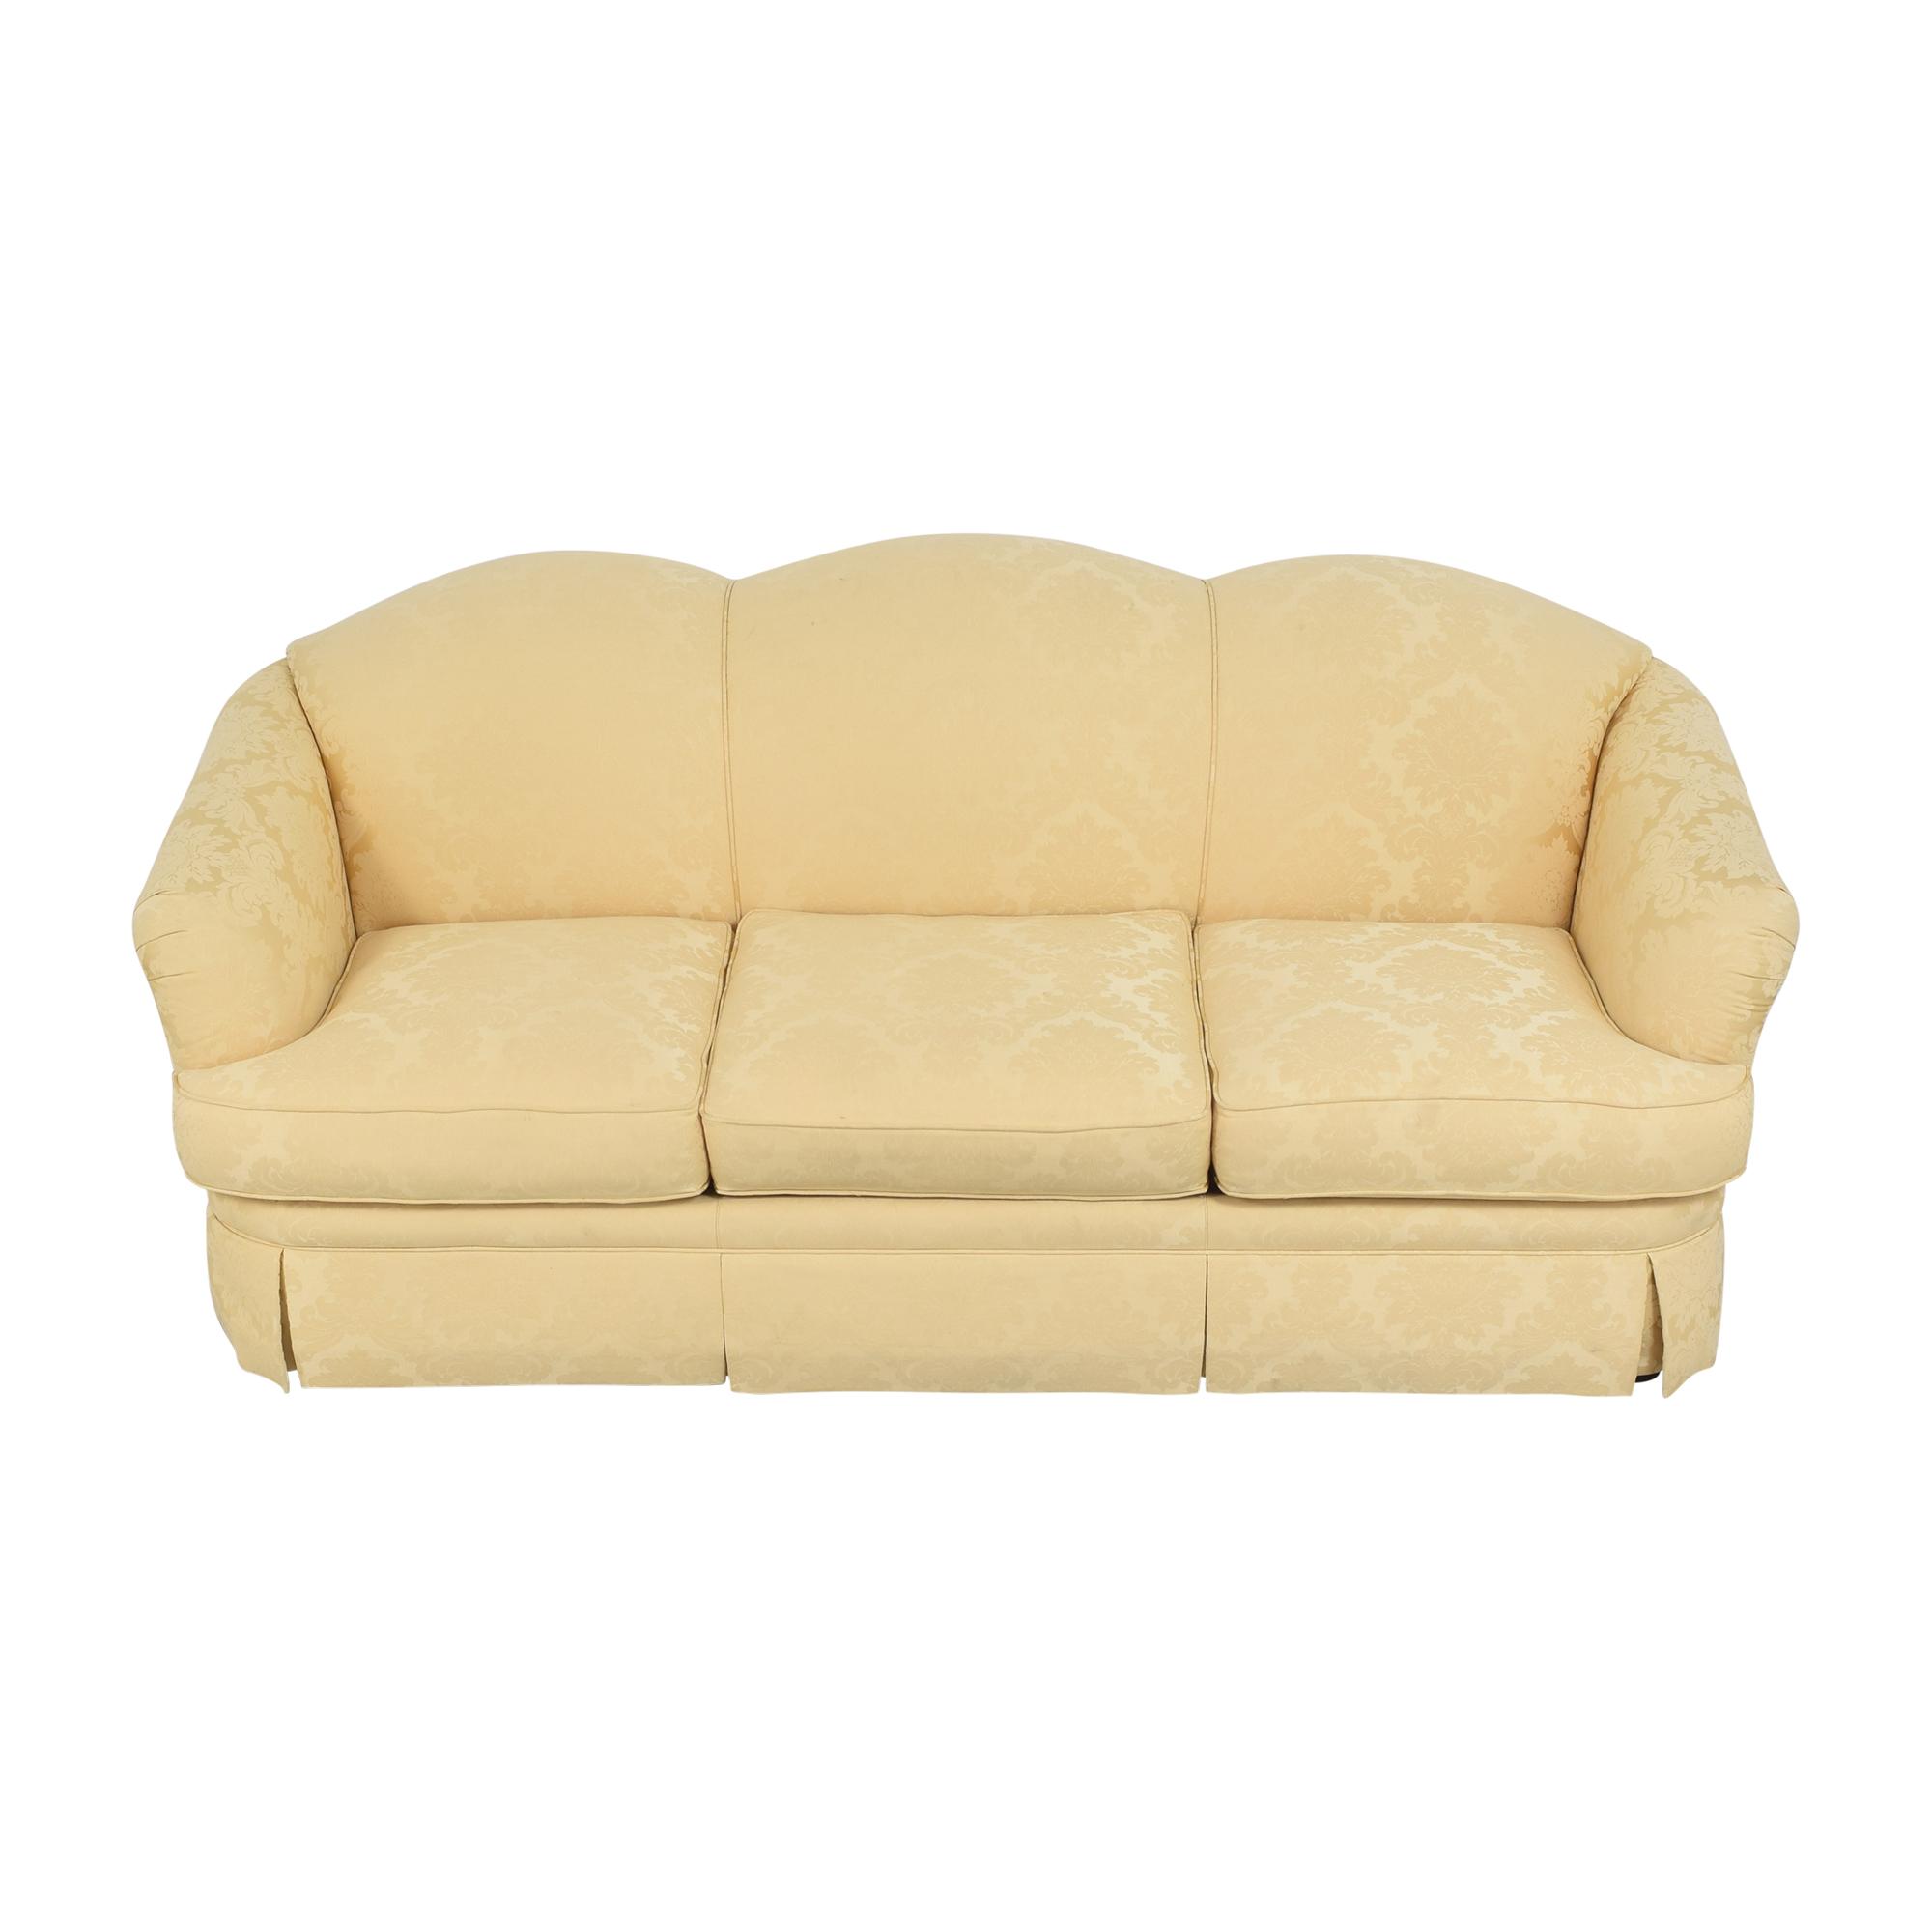 buy Thomasville Thomasville Scalloped Three Cushion Sofa online